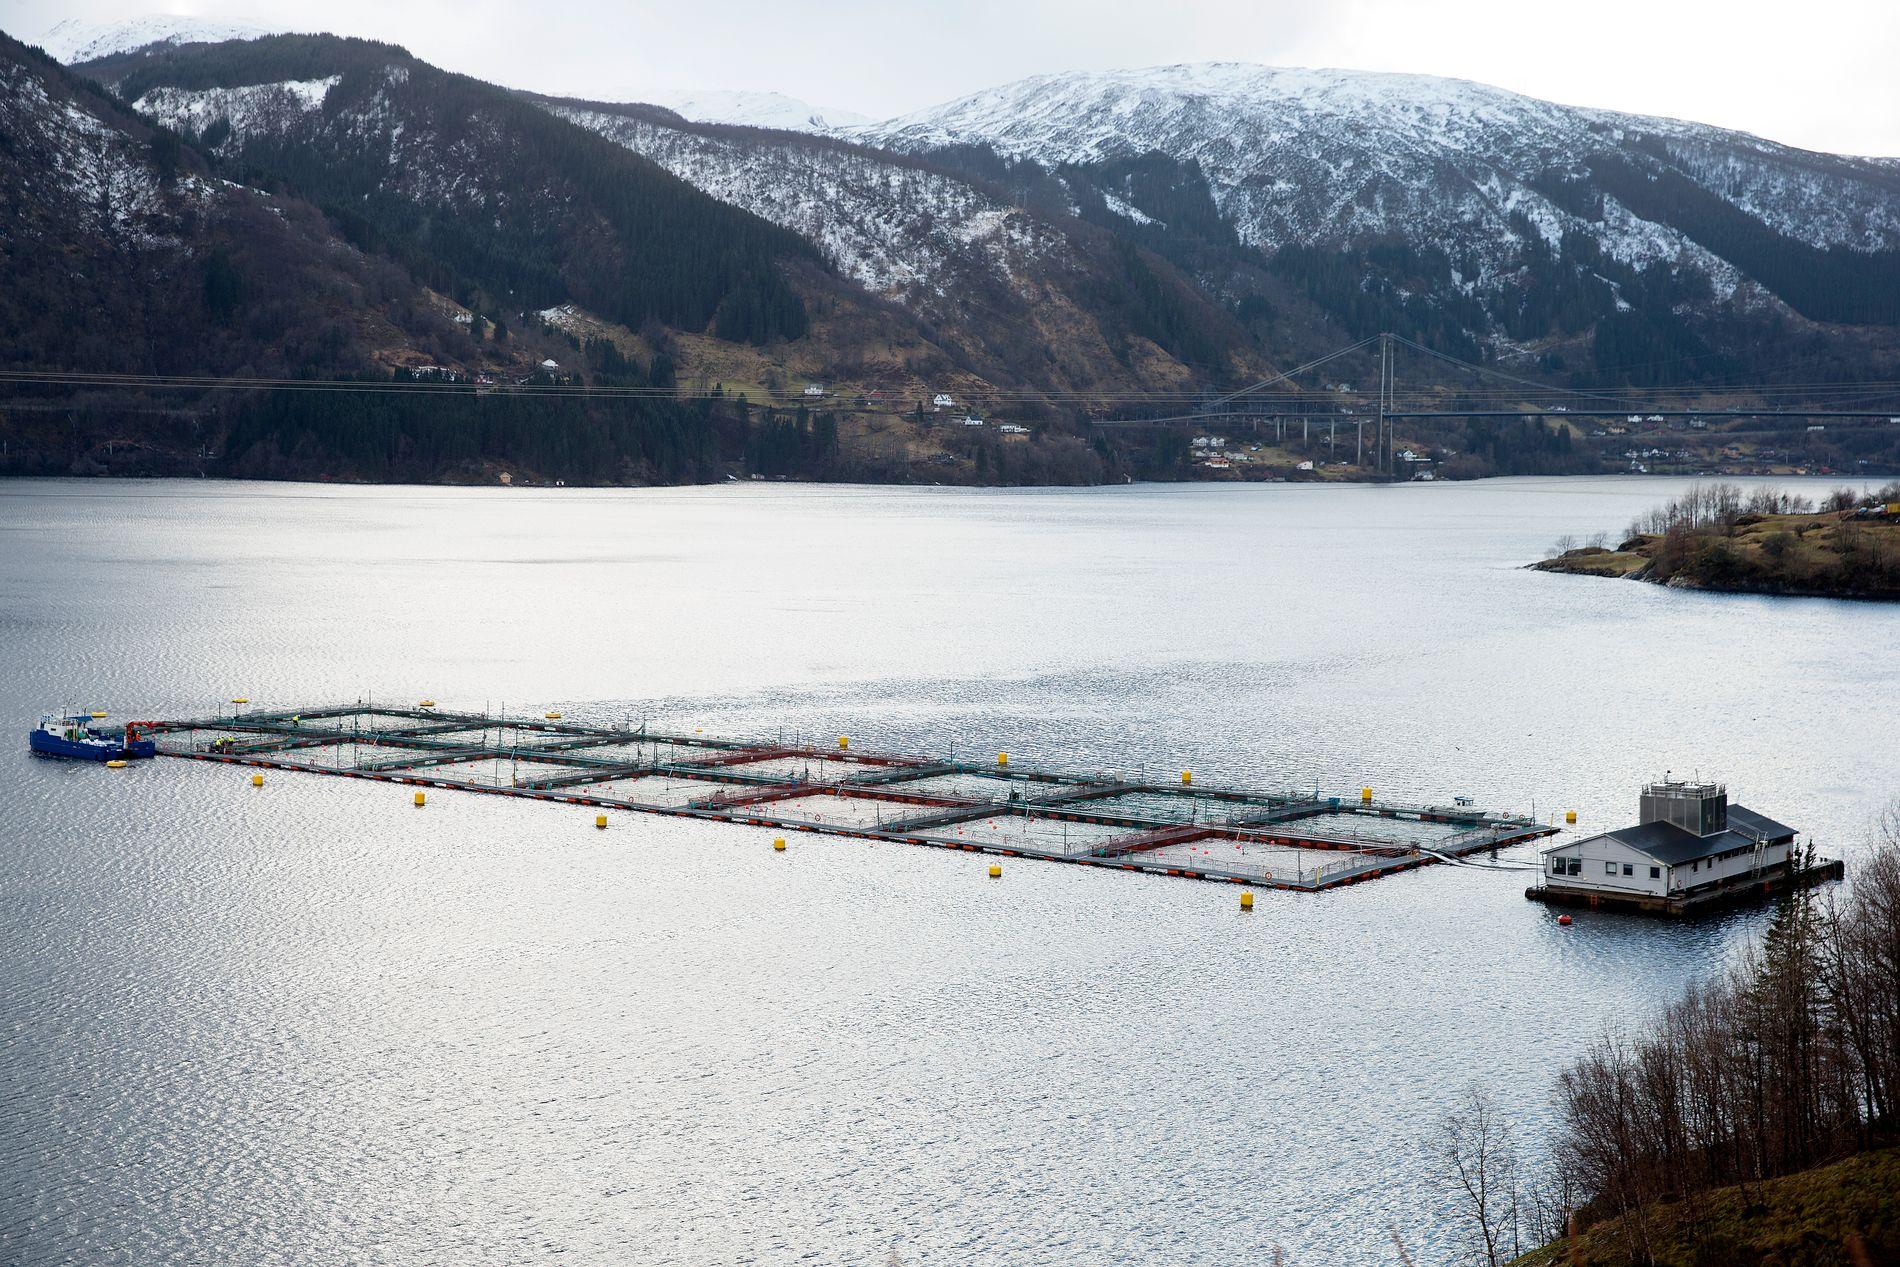 OPPDRETT: – Norsk fisk ville ikkje stima ut i Europa dersom me ikkje hadde tilgang til marknaden, skriv Morten Myksvoll.